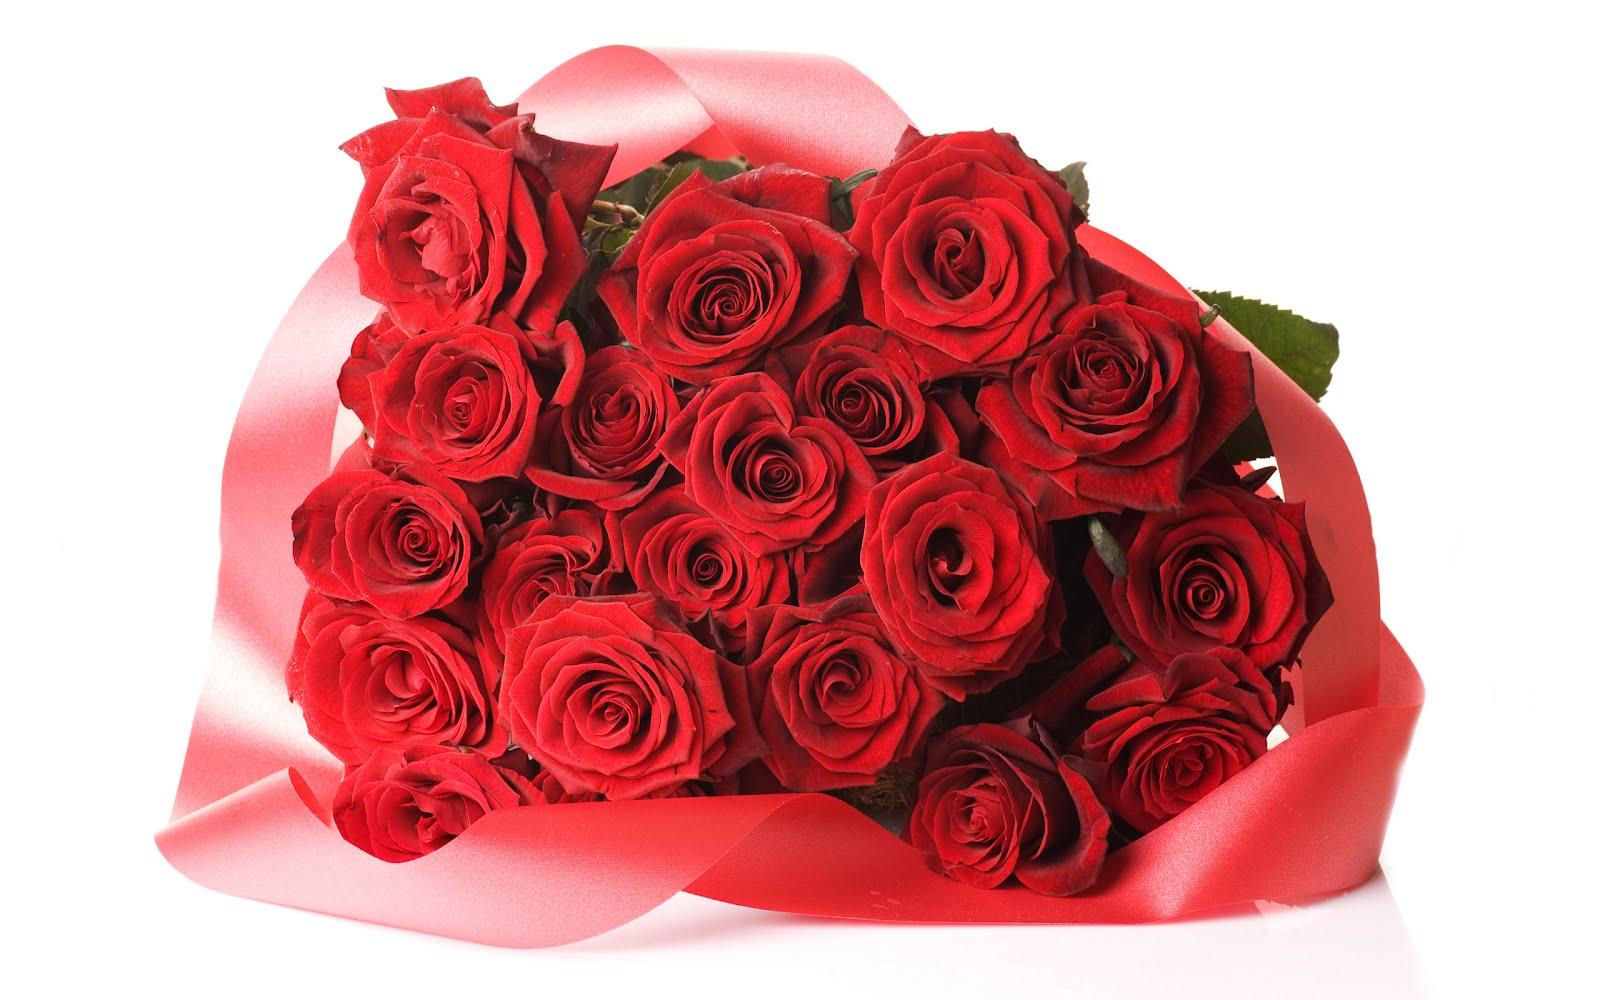 Clints Jalopy Rose Day Cards